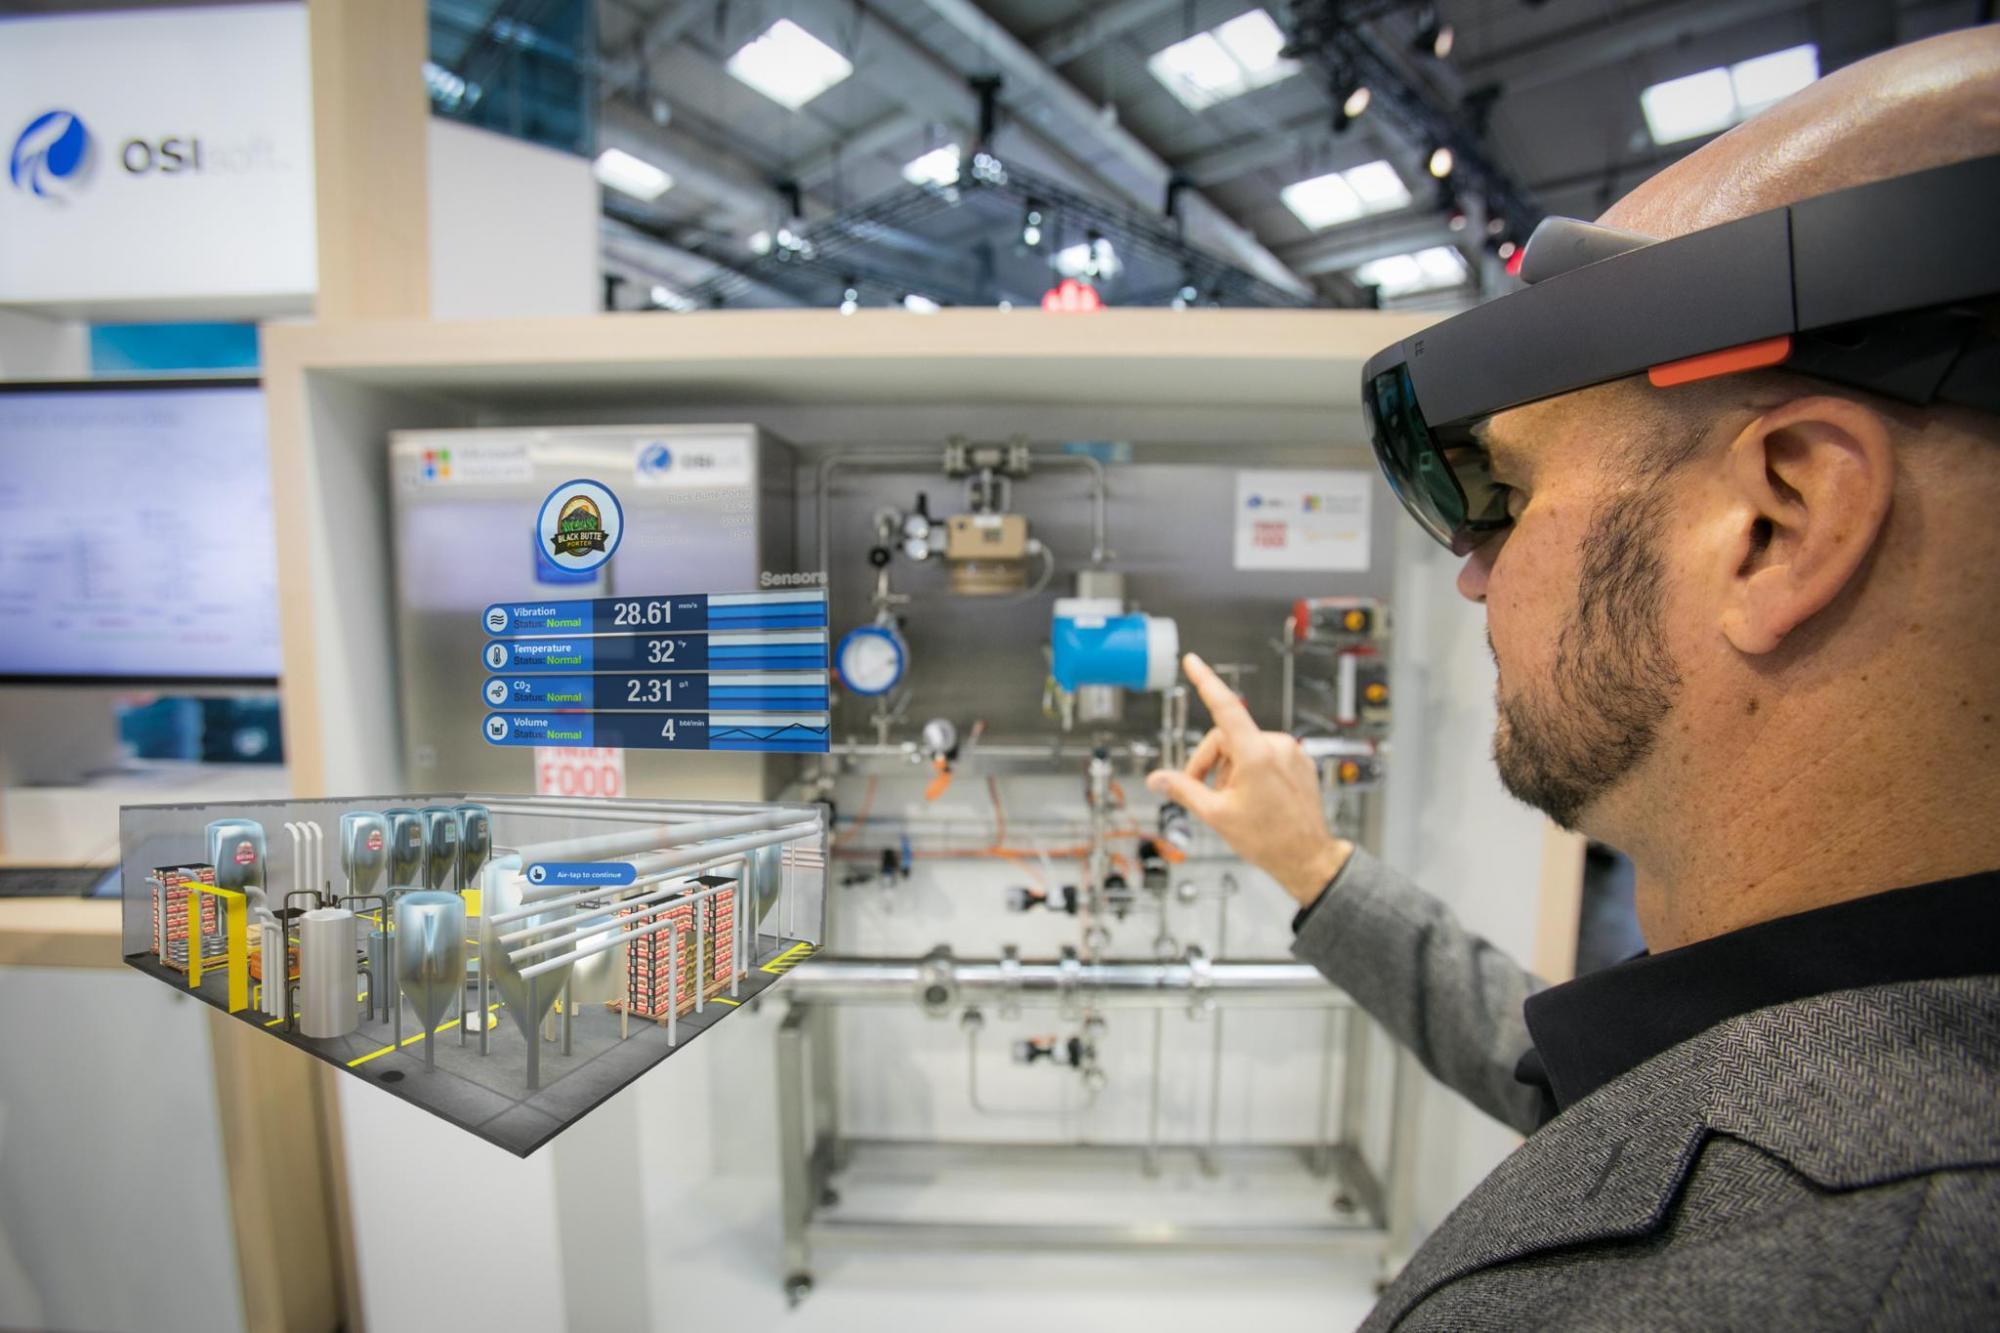 Vorausschauend warten: Künstliche Intelligenz bringt die Maschinendaten auf die Brille.